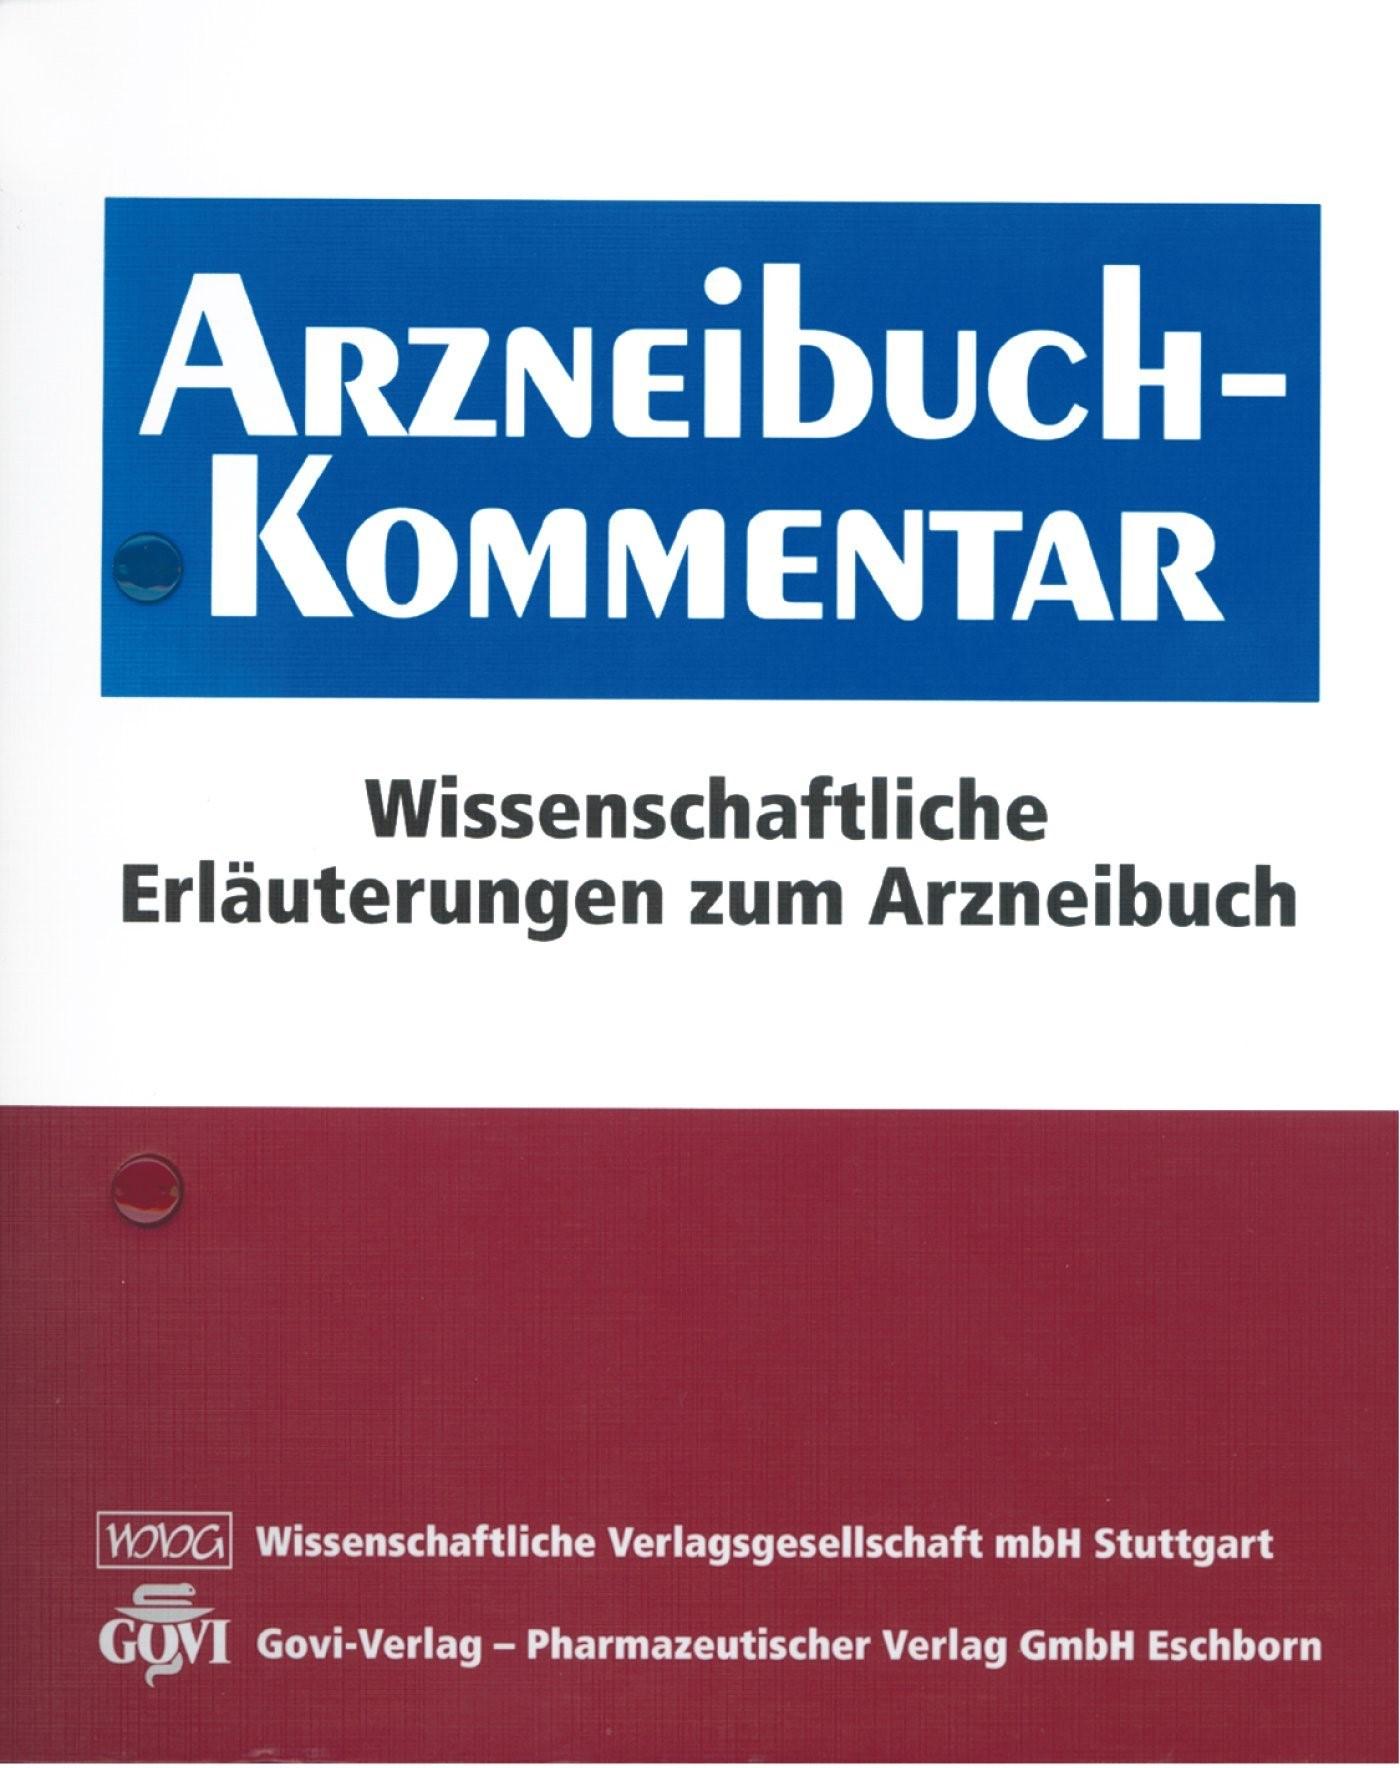 Arzneibuch-Kommentar | Bracher / Heisig / Langguth / Mutschler / Rücker / Schirmeister / Scriba / Stahl-Biskup / Troschütz | Loseblattwerk mit 57. Aktualisierung, 2018 (Cover)